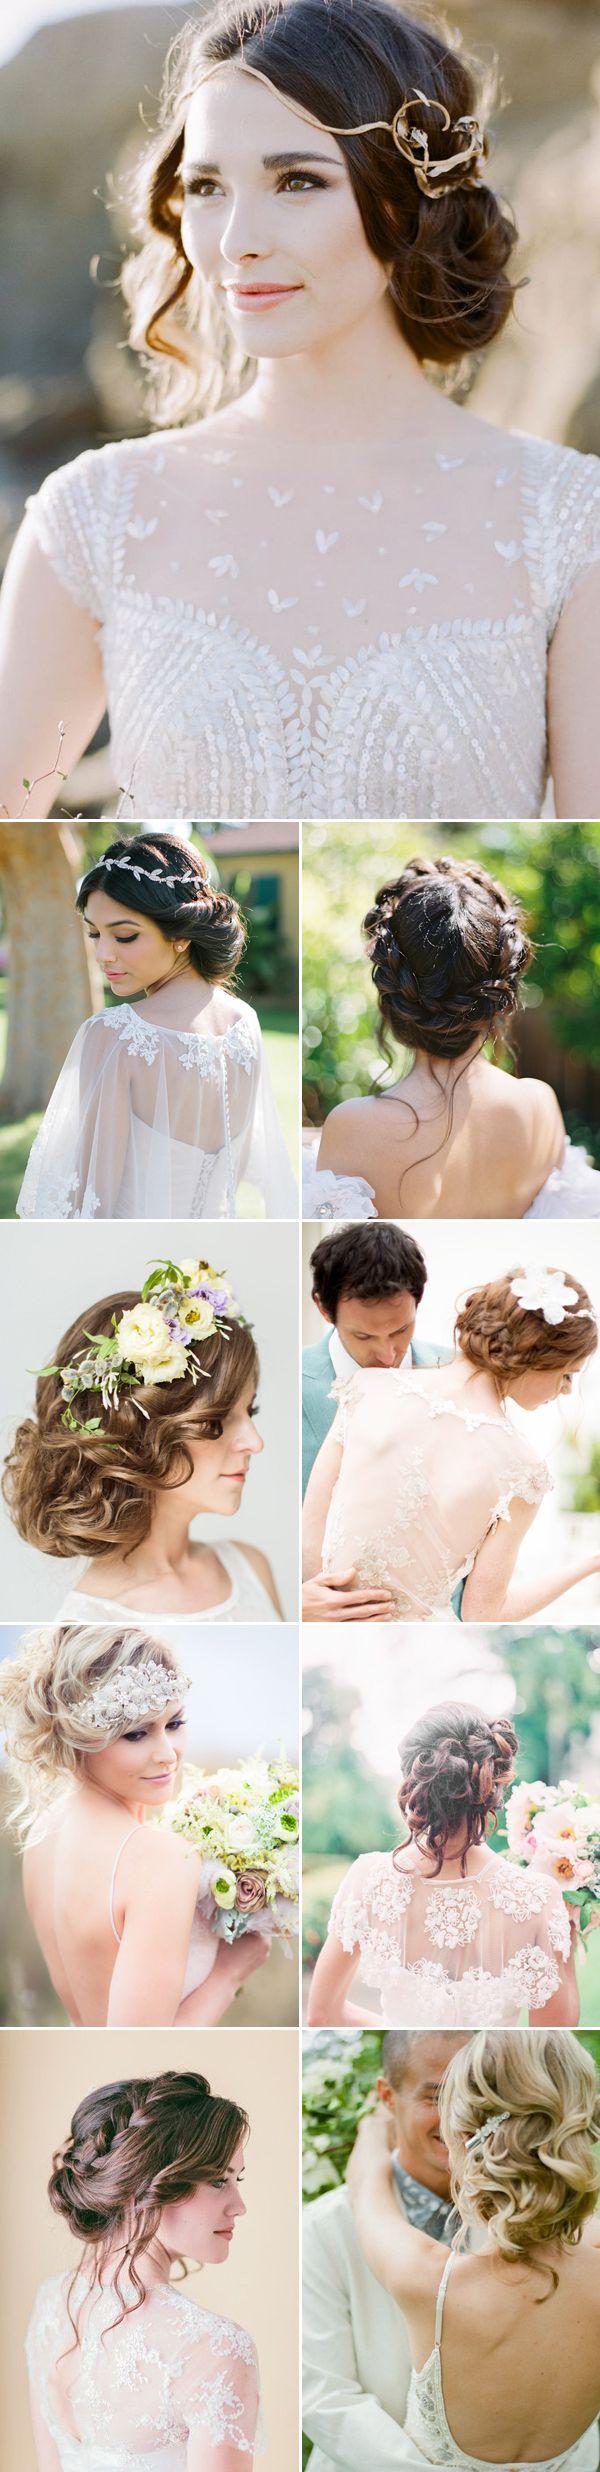 messy updo wedding hairstyles for long hair / www.deerpearlflow...